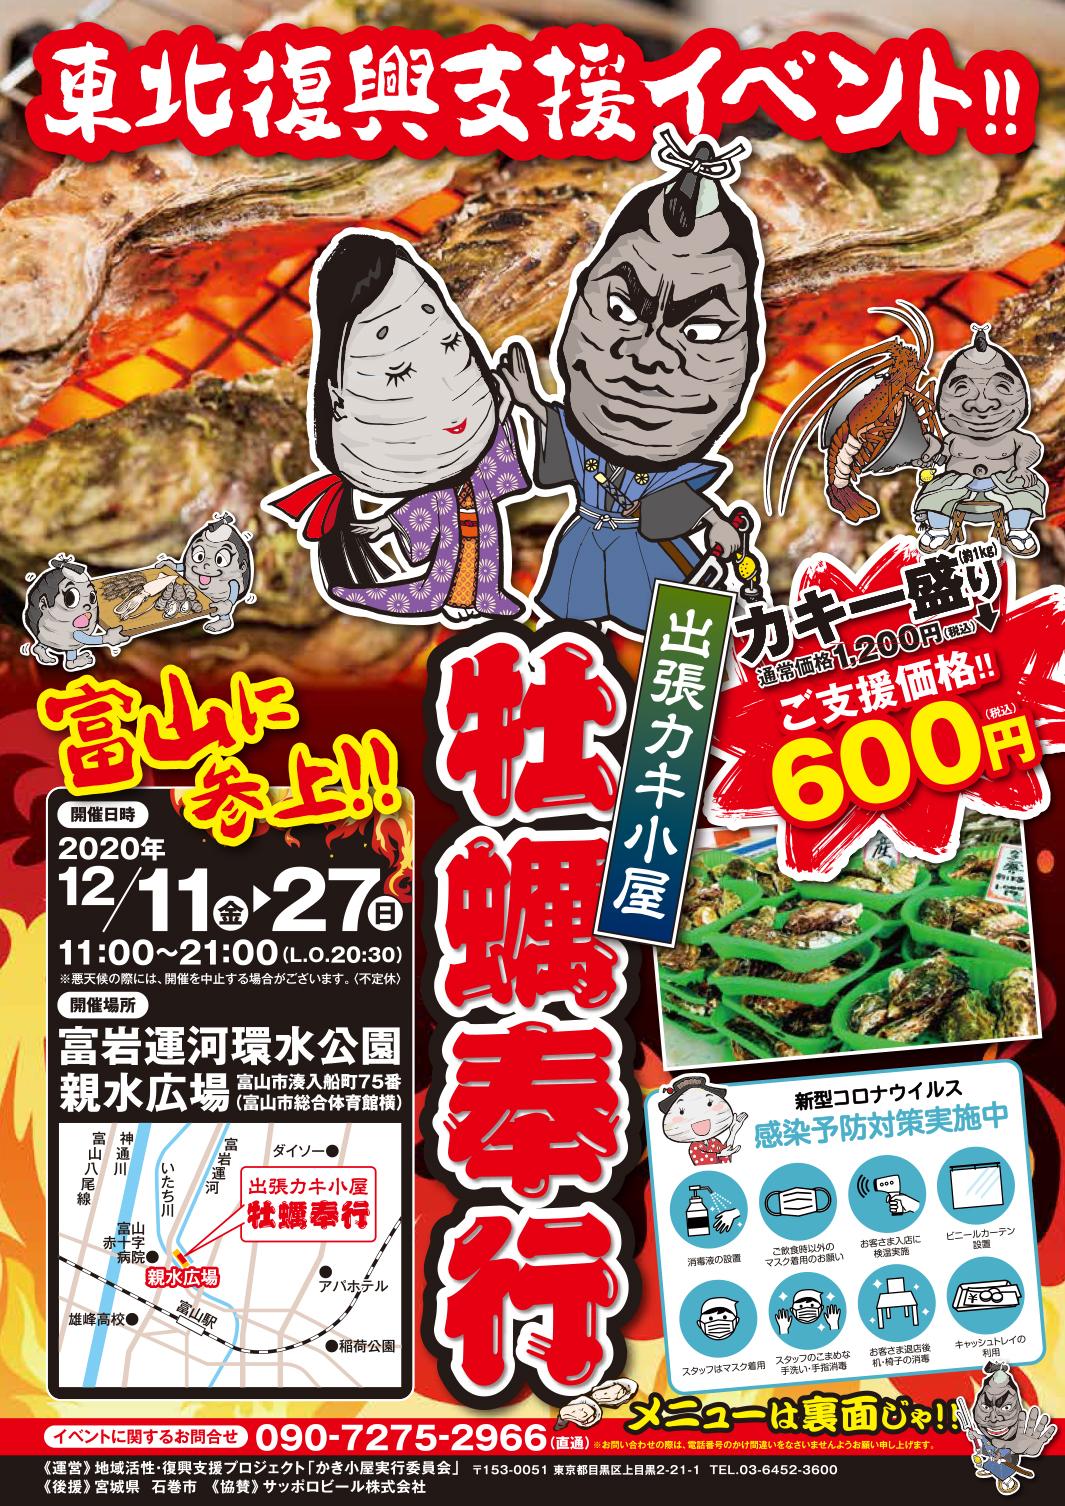 出張カキ小屋「牡蠣奉行」in 富岩運河環水公園 親水広場 2020年12月11日~12月27日開催